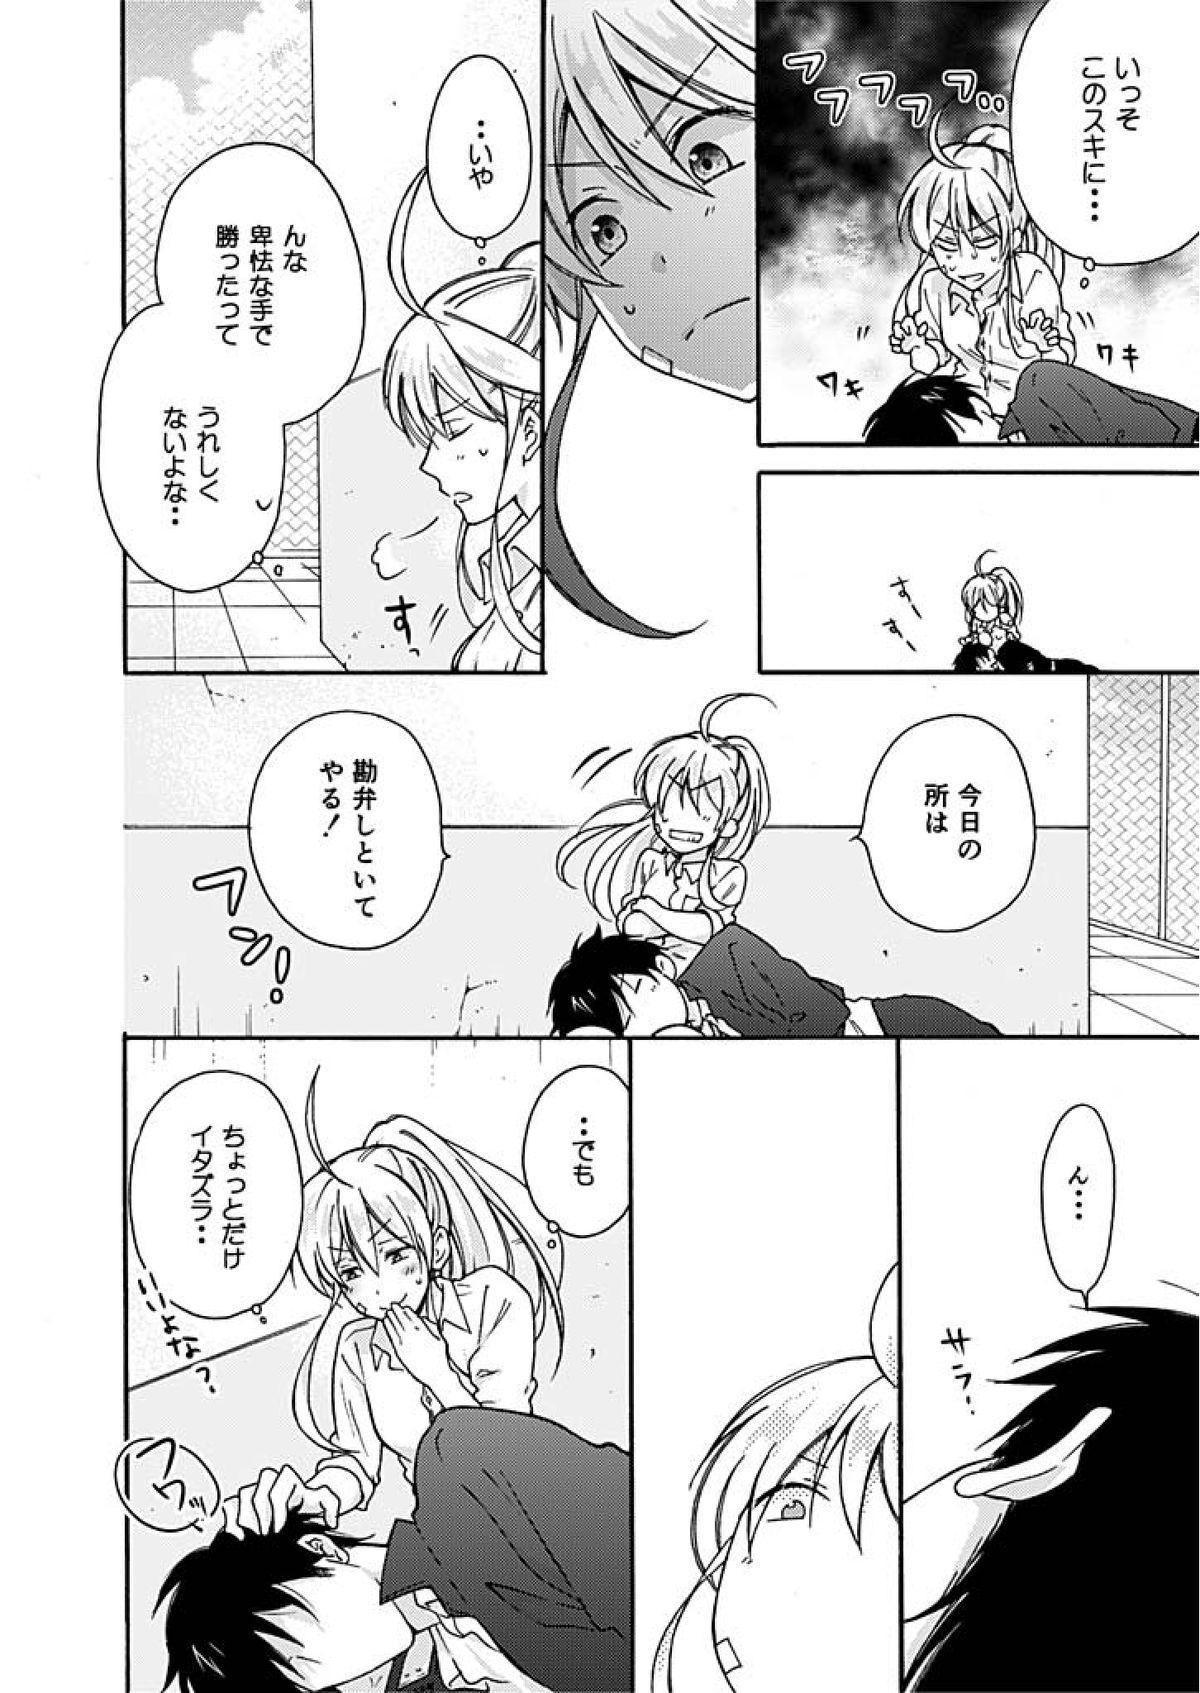 Nyotaika Yankee Gakuen ☆ Ore no Hajimete, Nerawaretemasu. 3 12